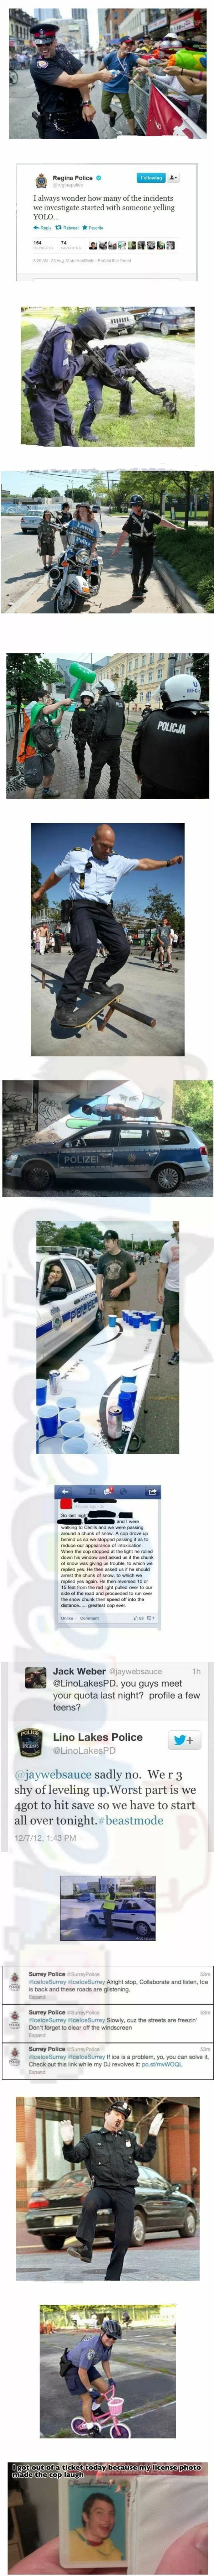 Best Cops Ever !